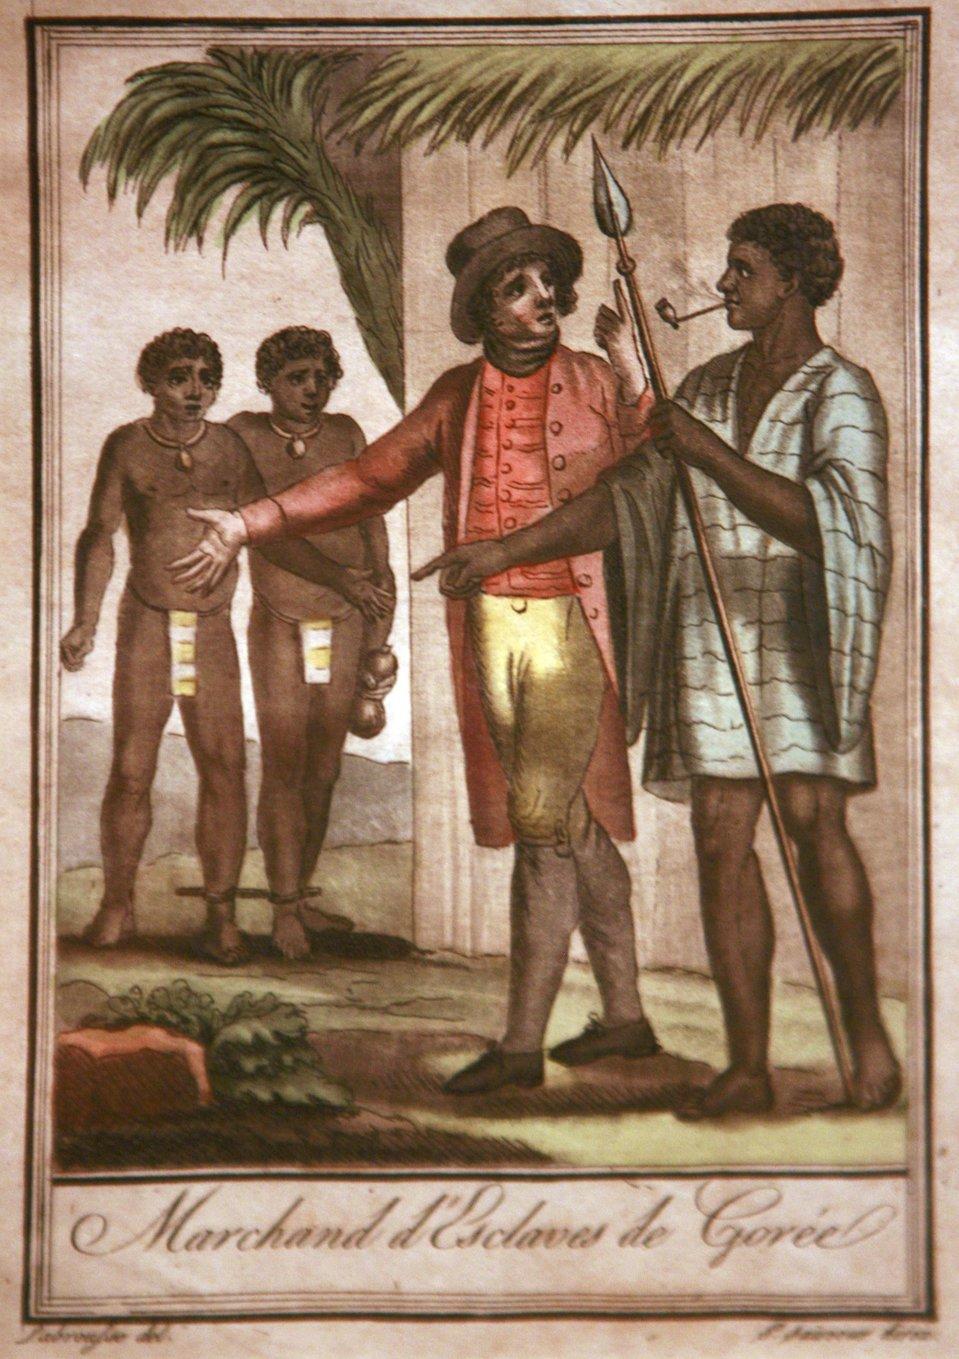 Biały mężczyzna wkapeluszu, wczerwonej marynarce ikamizelce oraz żółtych spodniach, wskórzanych butach rozmawia zczarnym mężczyzną ubranym wjasną koszulę wpaski, trzymającym wręku włócznię, awustach fajkę. Za nimi, pod drzewem stają dwaj Murzyni jedynie wprzepaskach biodrowych. Pod tym jest napis po francusku - Handlarz niewolników wGorés..